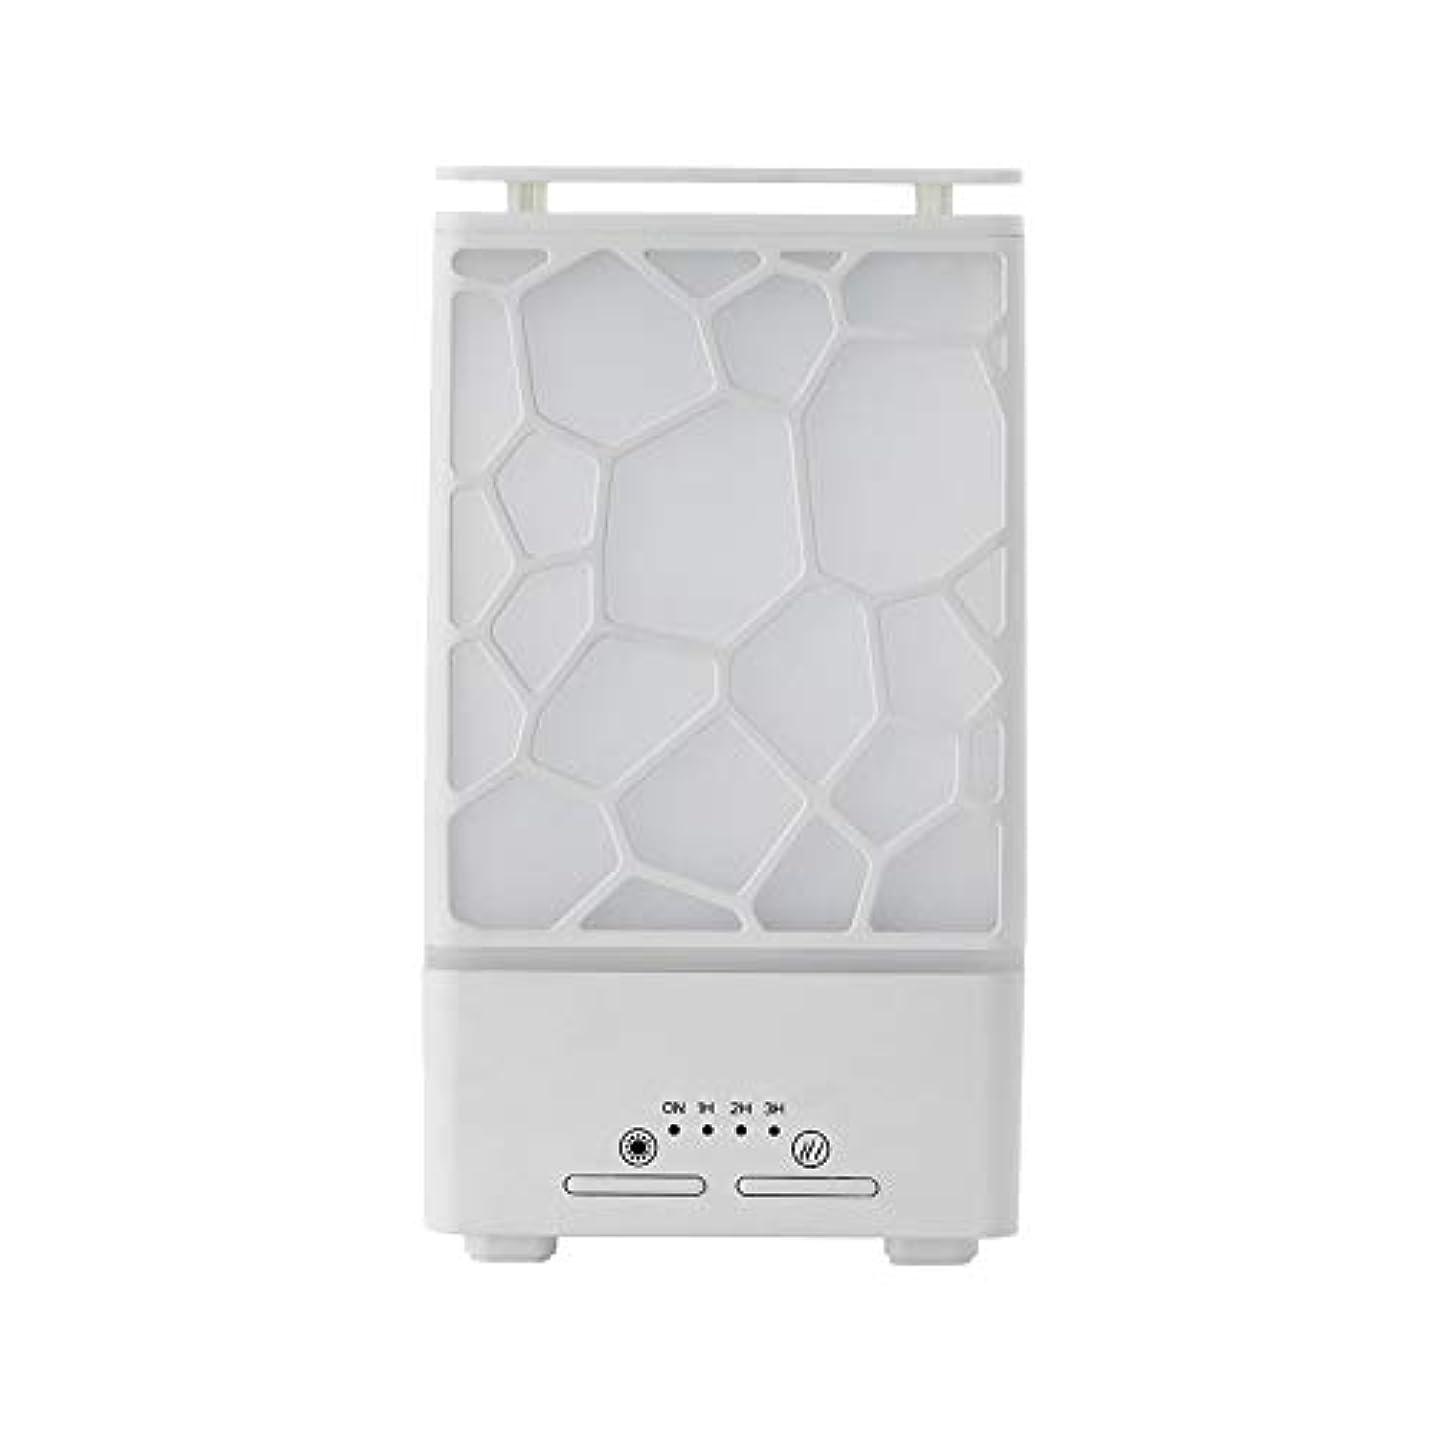 屋内動機付ける押すyanQxIzbiu Essential Oil Diffuser Geometric Plaid Aroma Essential Oil Diffuser Home Office LED Lights Humidifier...